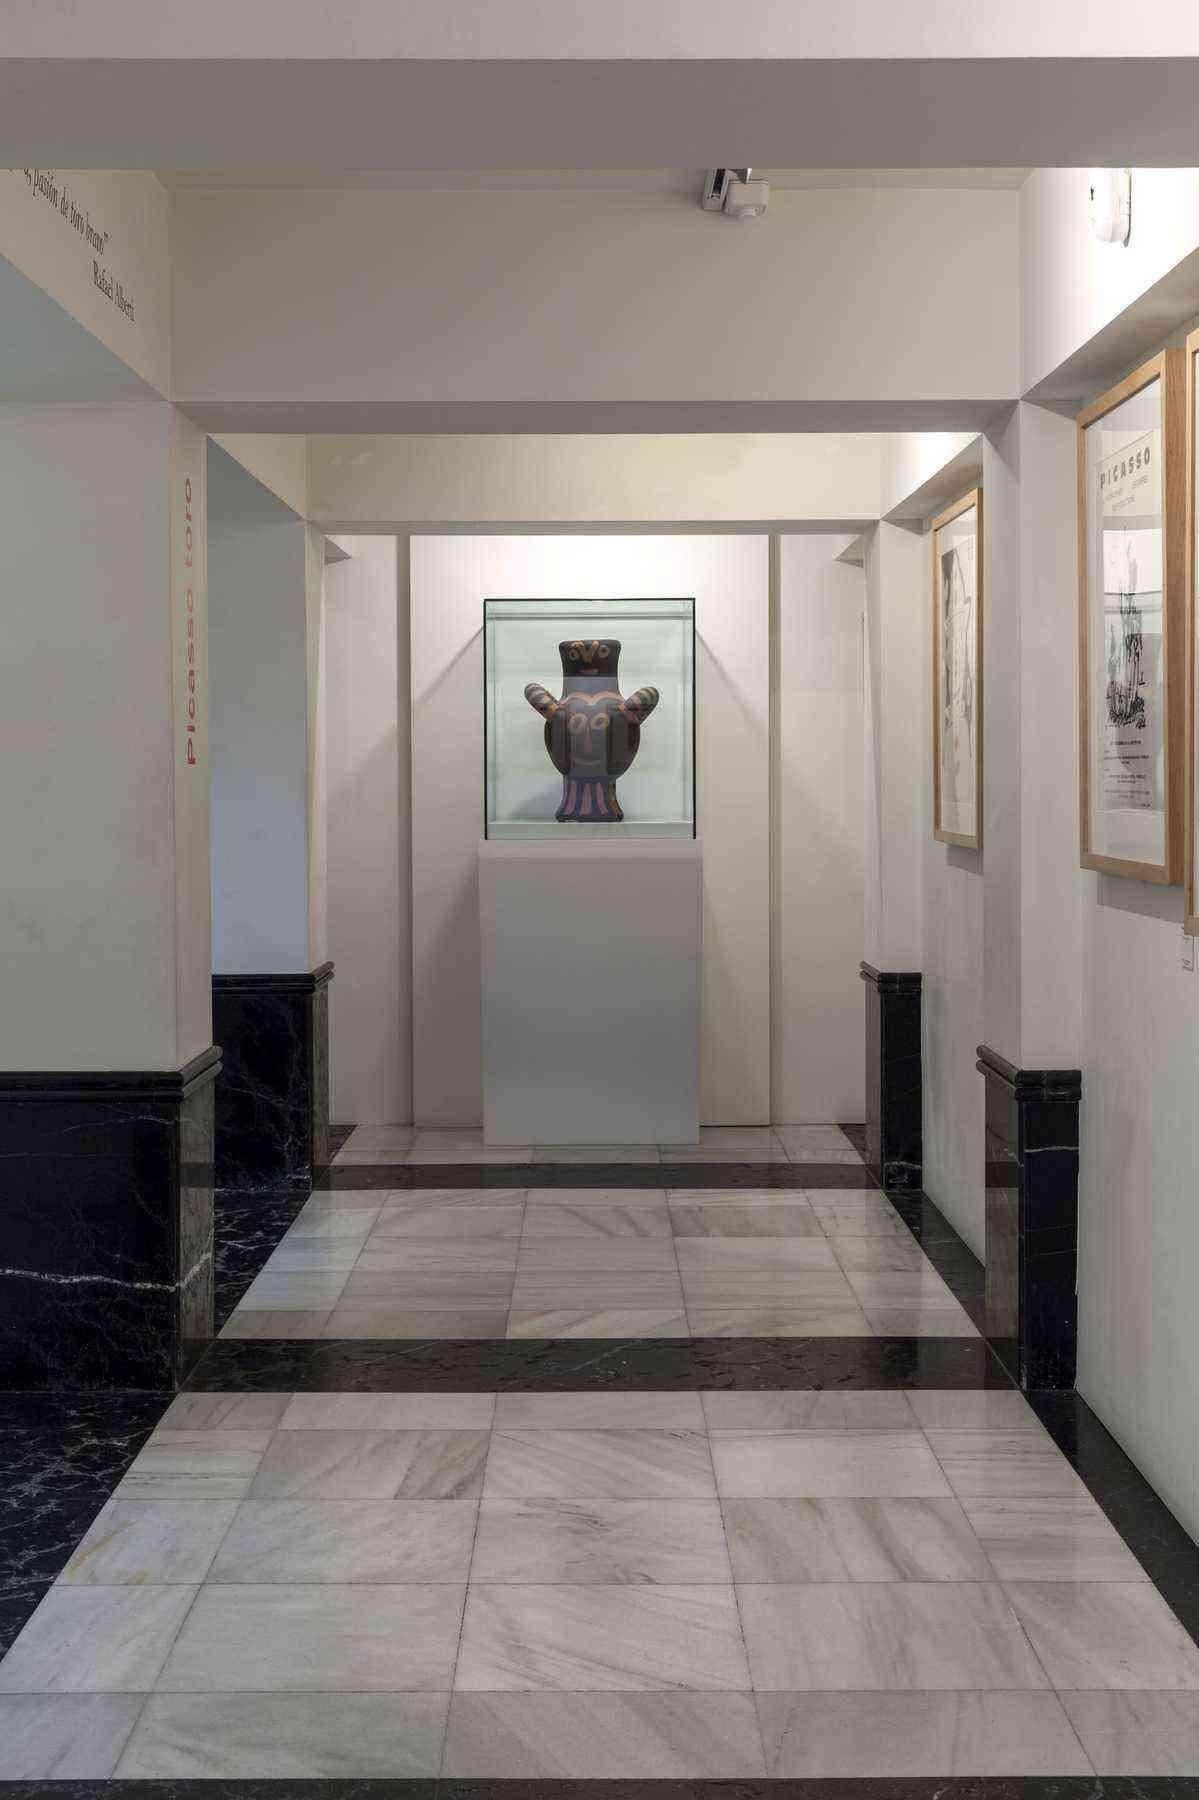 Vista del Museo Picasso Colecci+¦n Eugenio Arias. Foto de Amador Toril